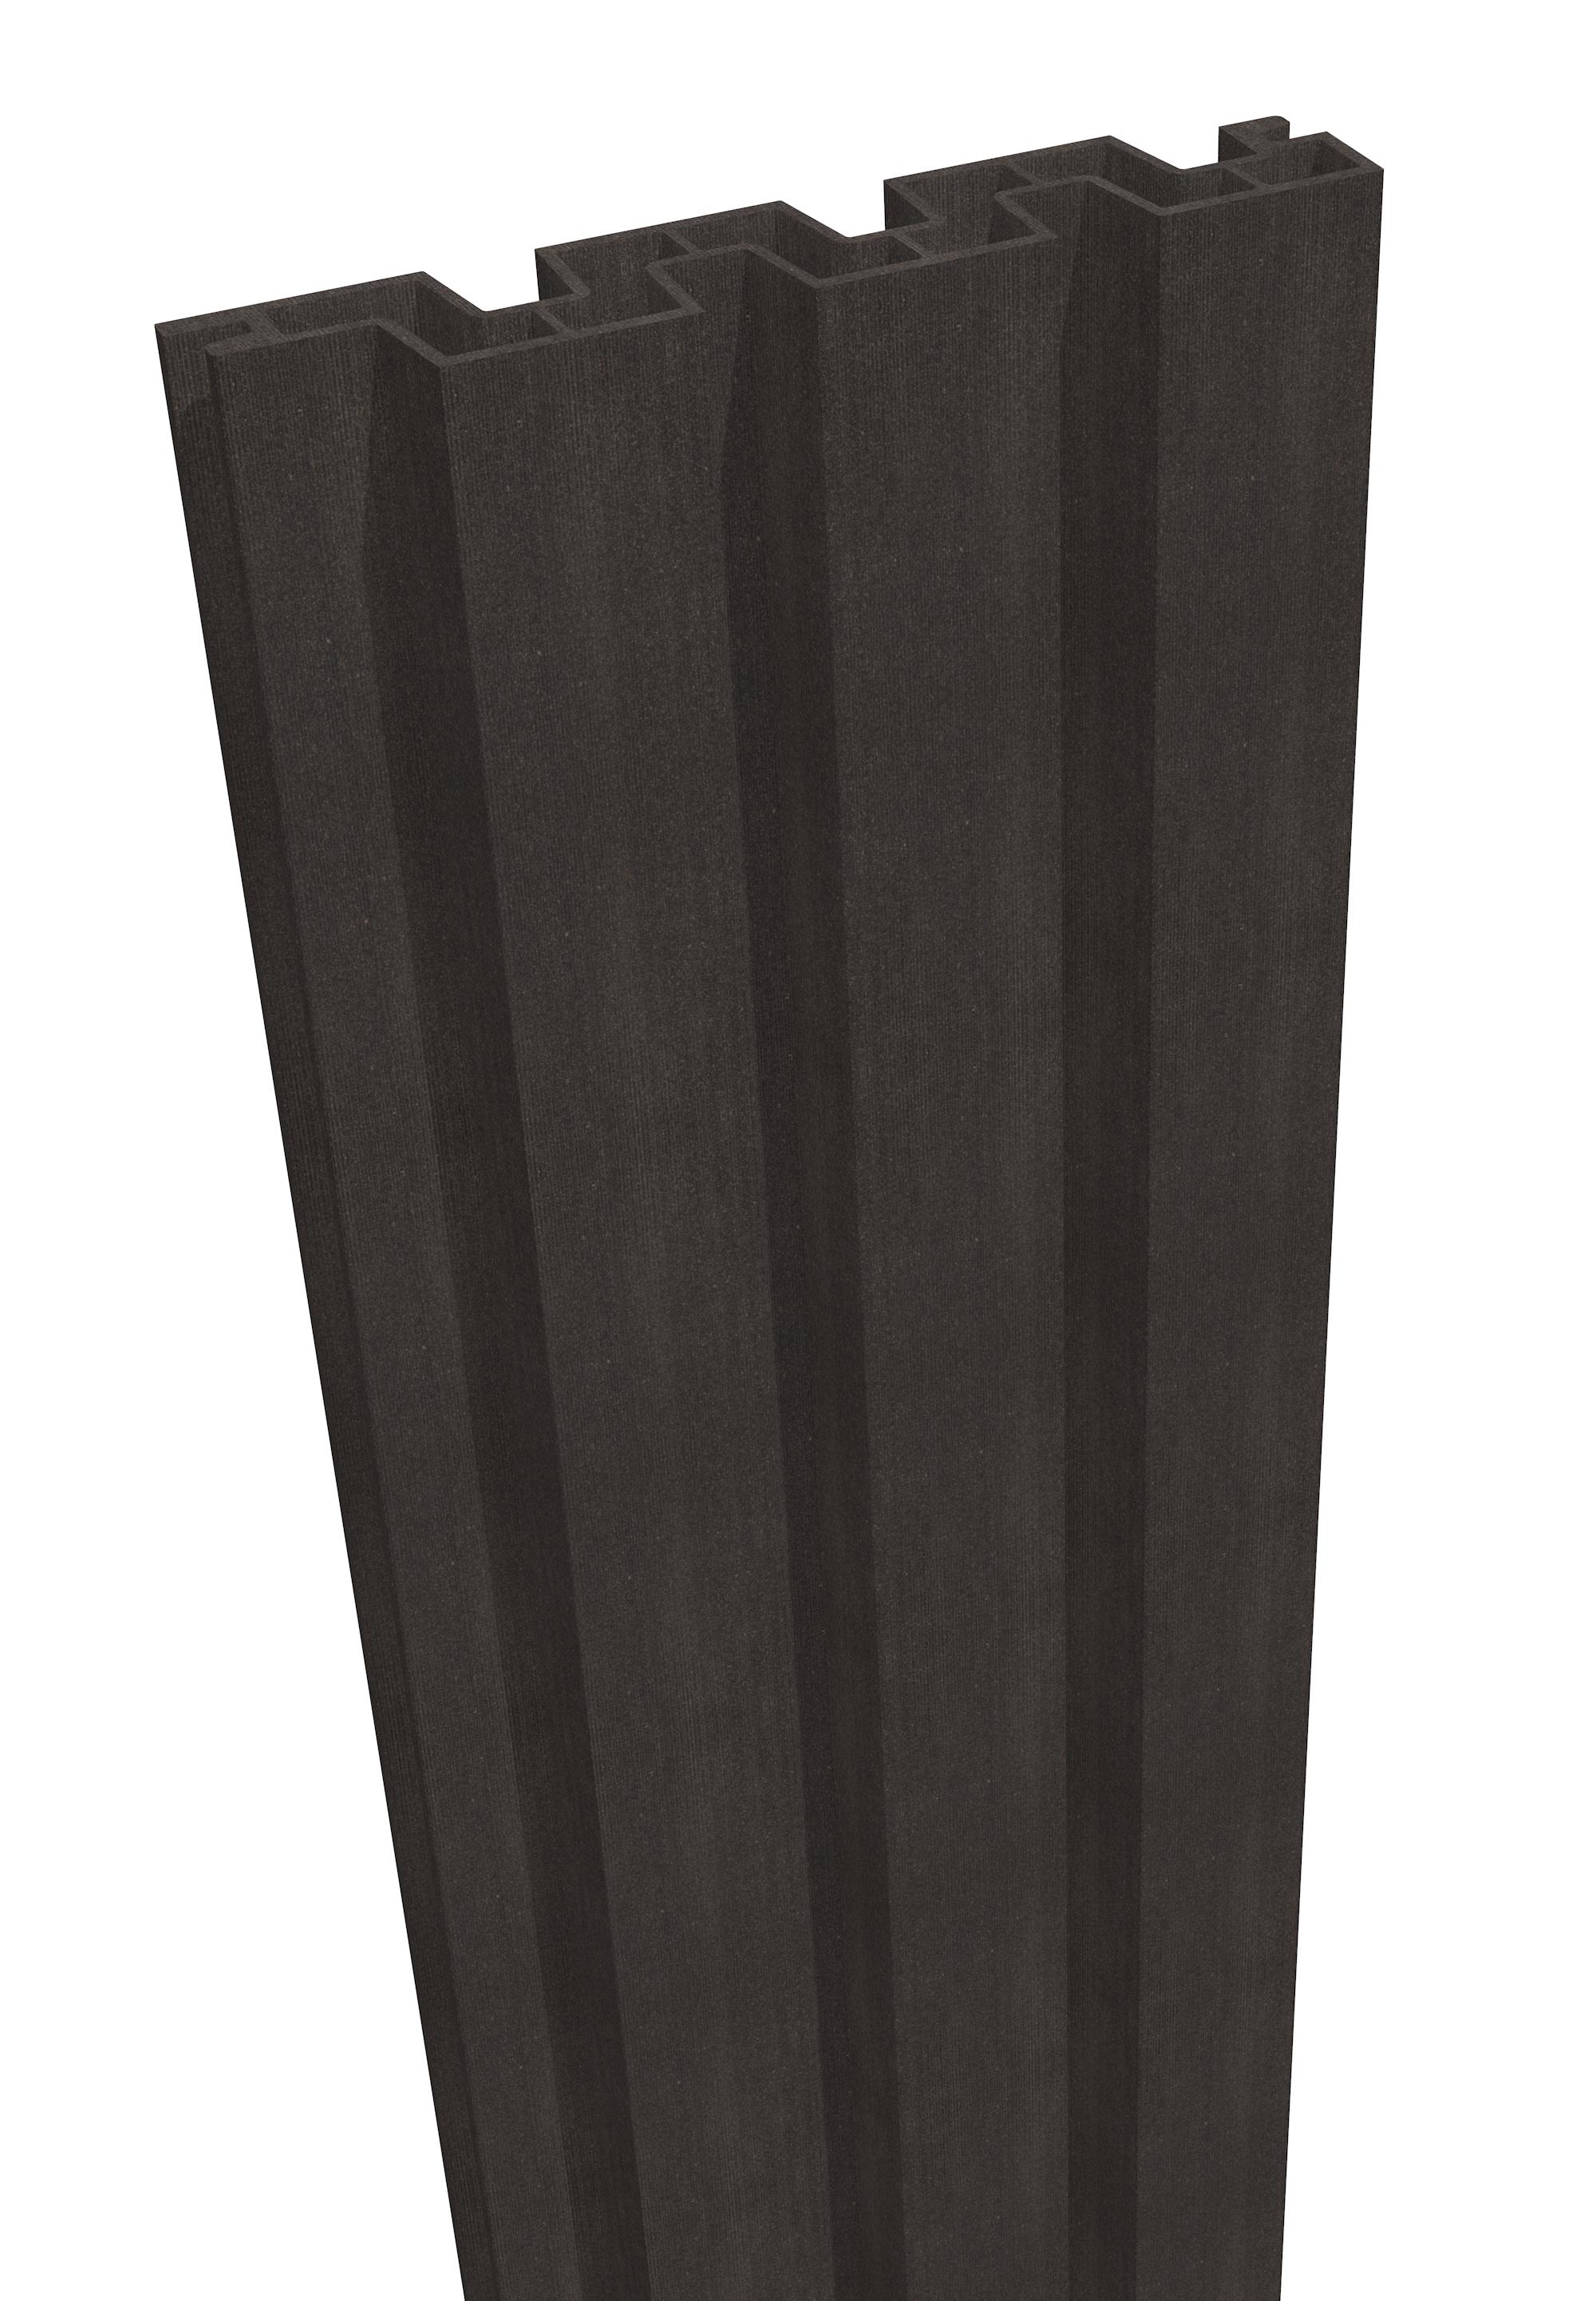 GrojaSombra 180x180x4 cm Schallhemmend Graphite Black